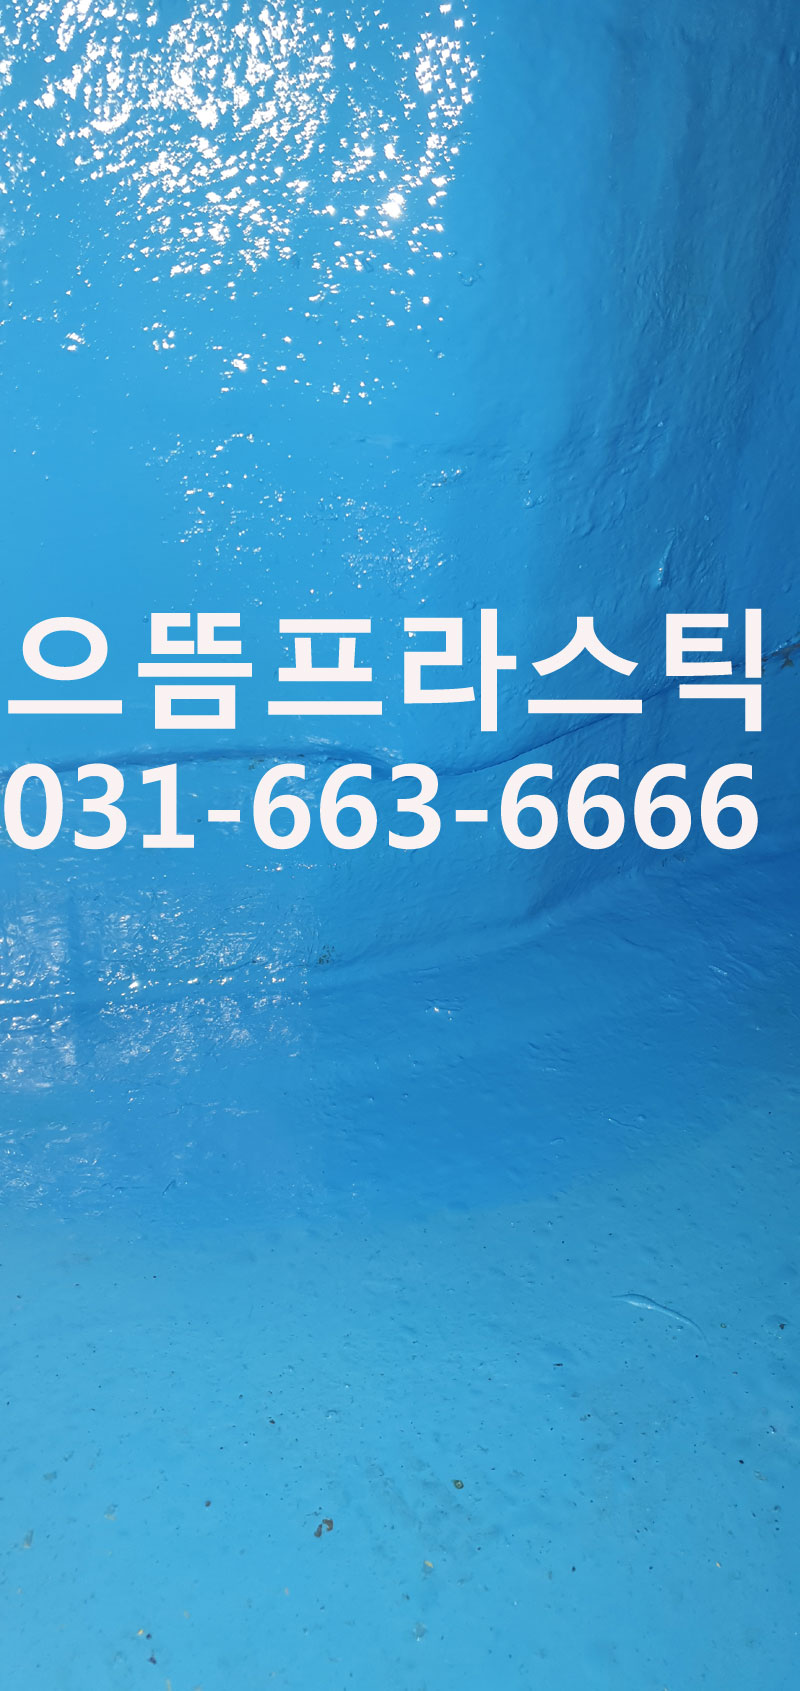 2796bcda83f5a0eee4326d8219629263_1630908604_4653.jpg